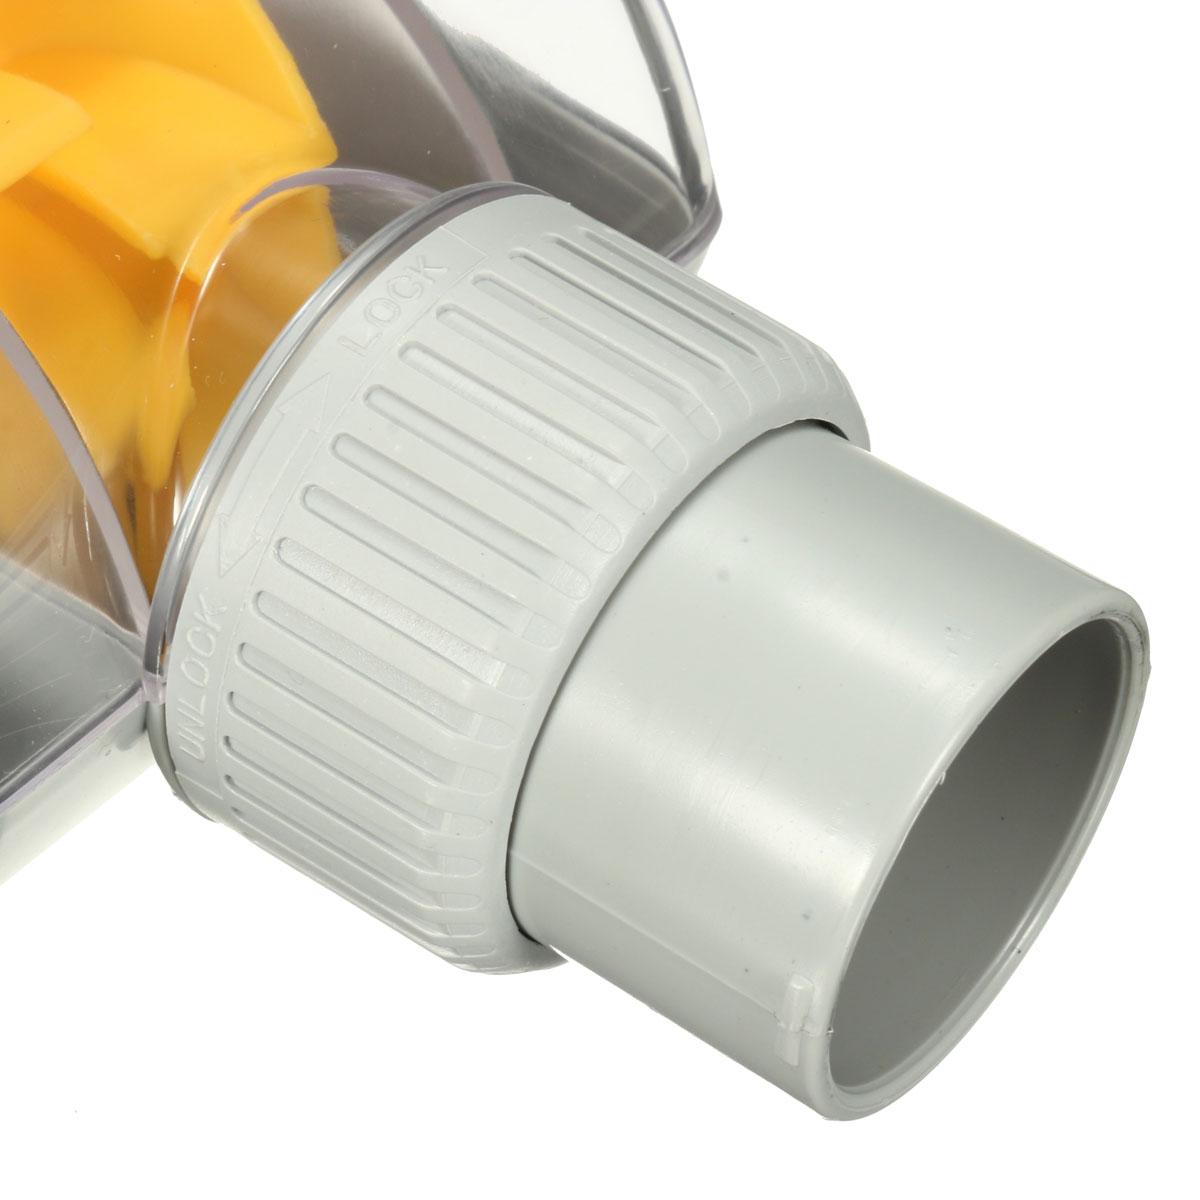 Wind-driven Vacuum Cleaner Brush Vacuum Turbo Floor Brush